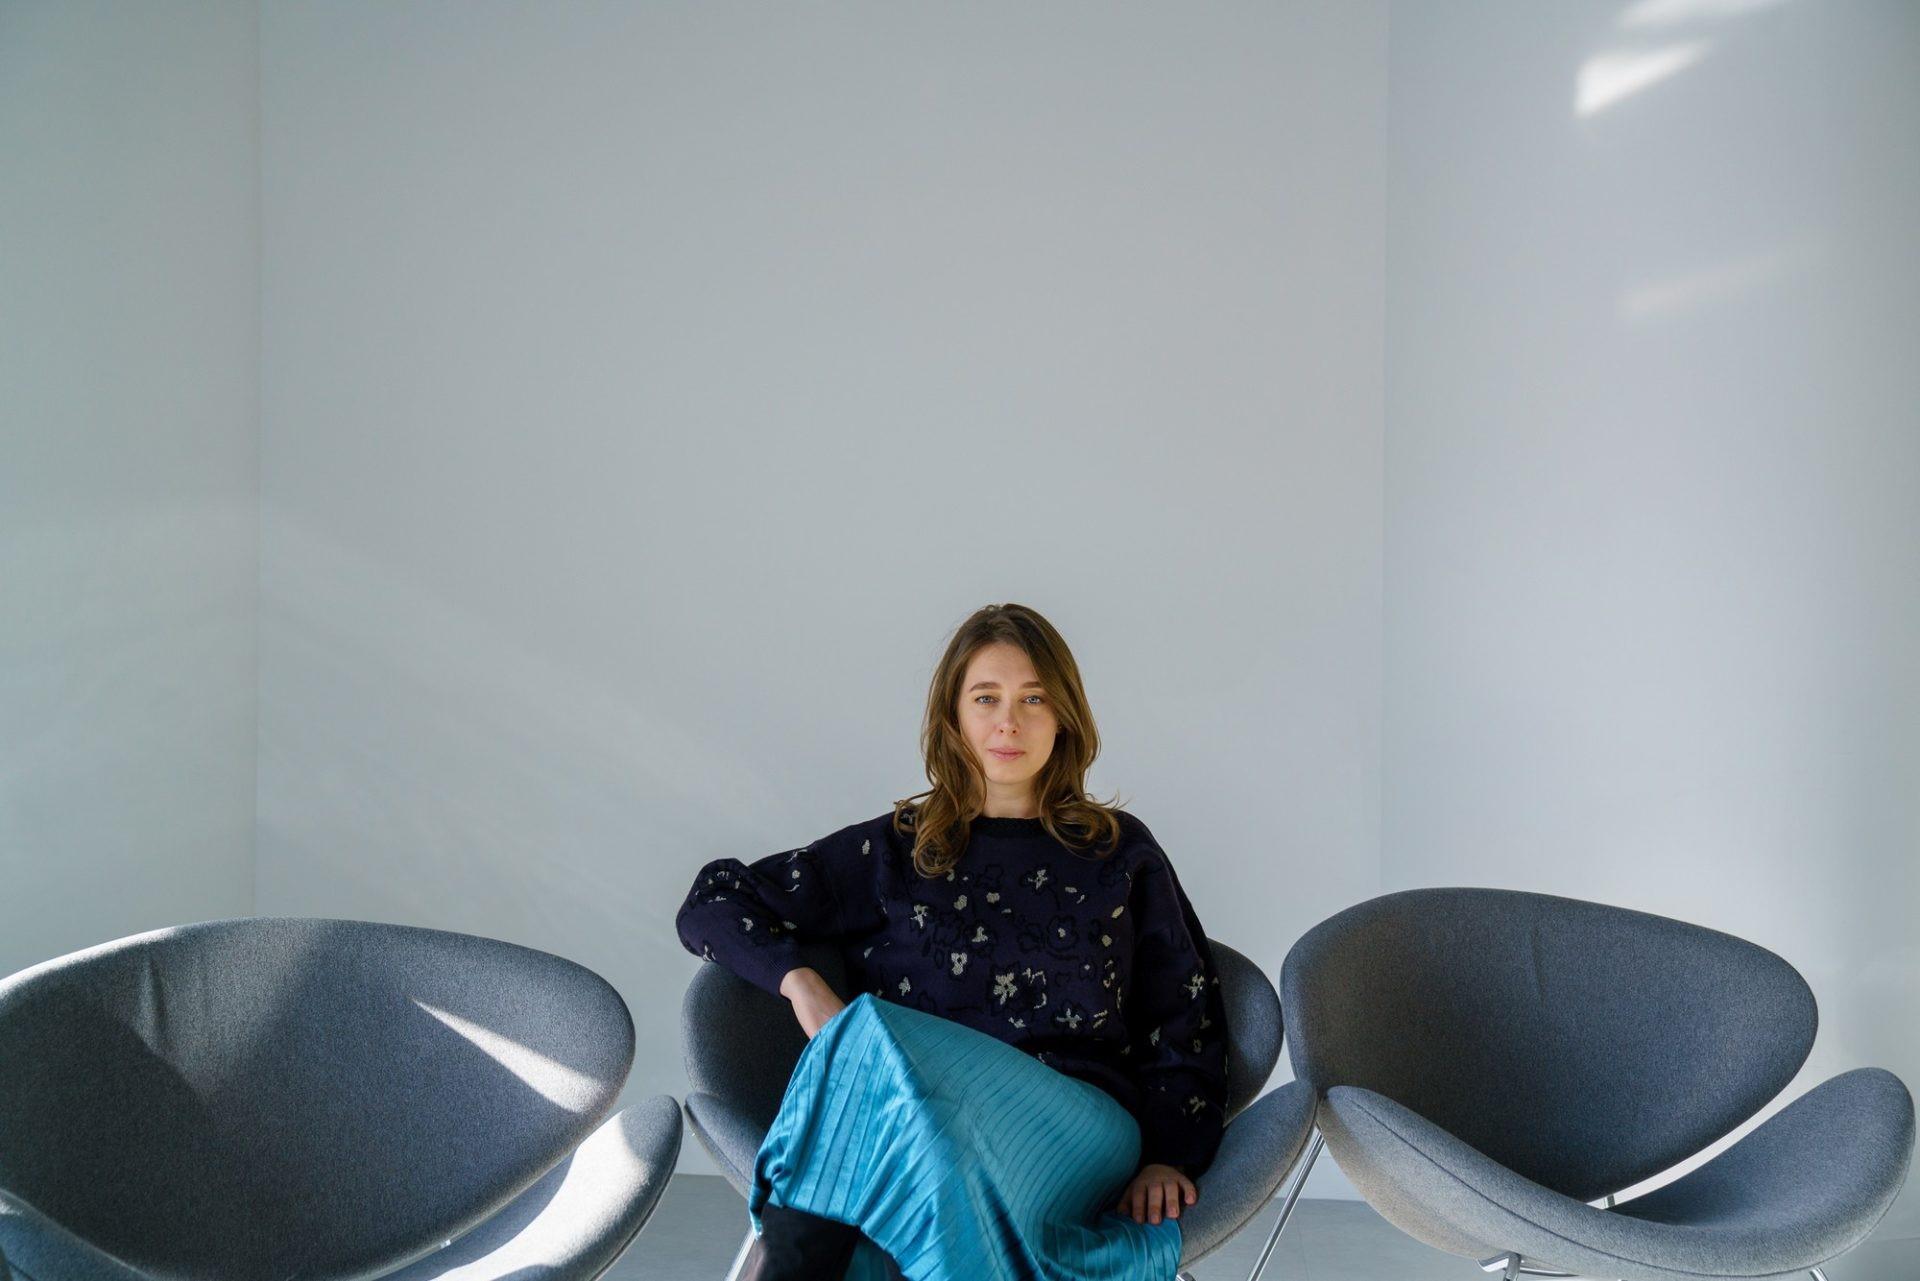 Аліна Носенко: «За свою мрію потрібно боротися»